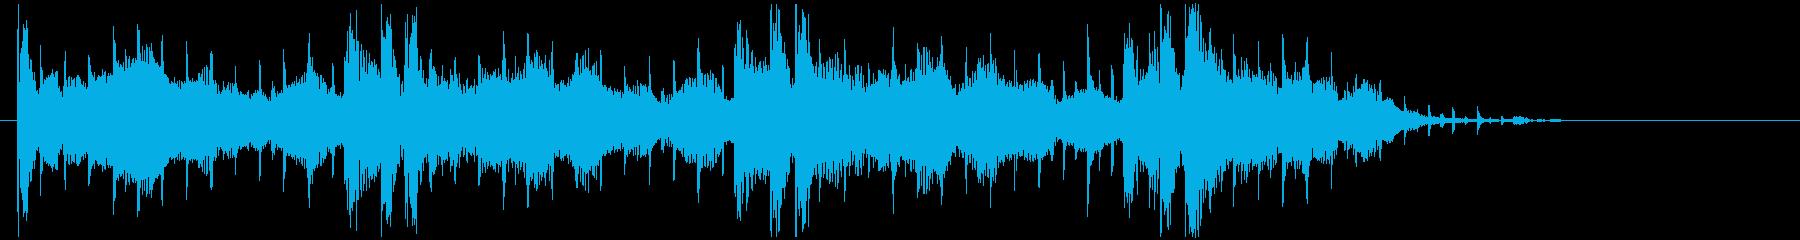 神秘的で不思議なスピリチュアルジングルの再生済みの波形